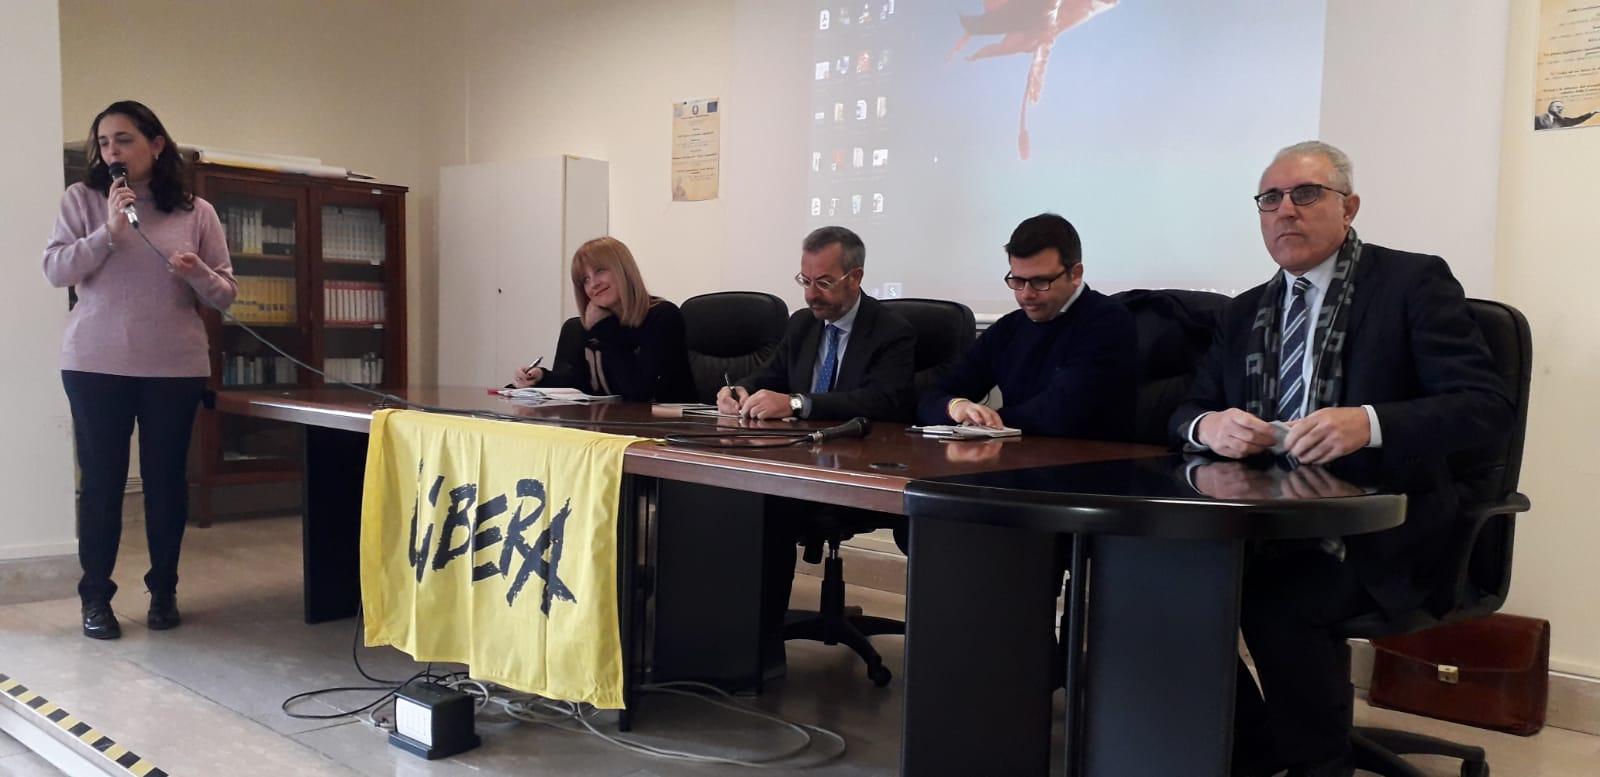 Benevento| Giornate di Lic..enza, Policastro: la scuola gioca un ruolo centrale nella battaglia contro il malaffare